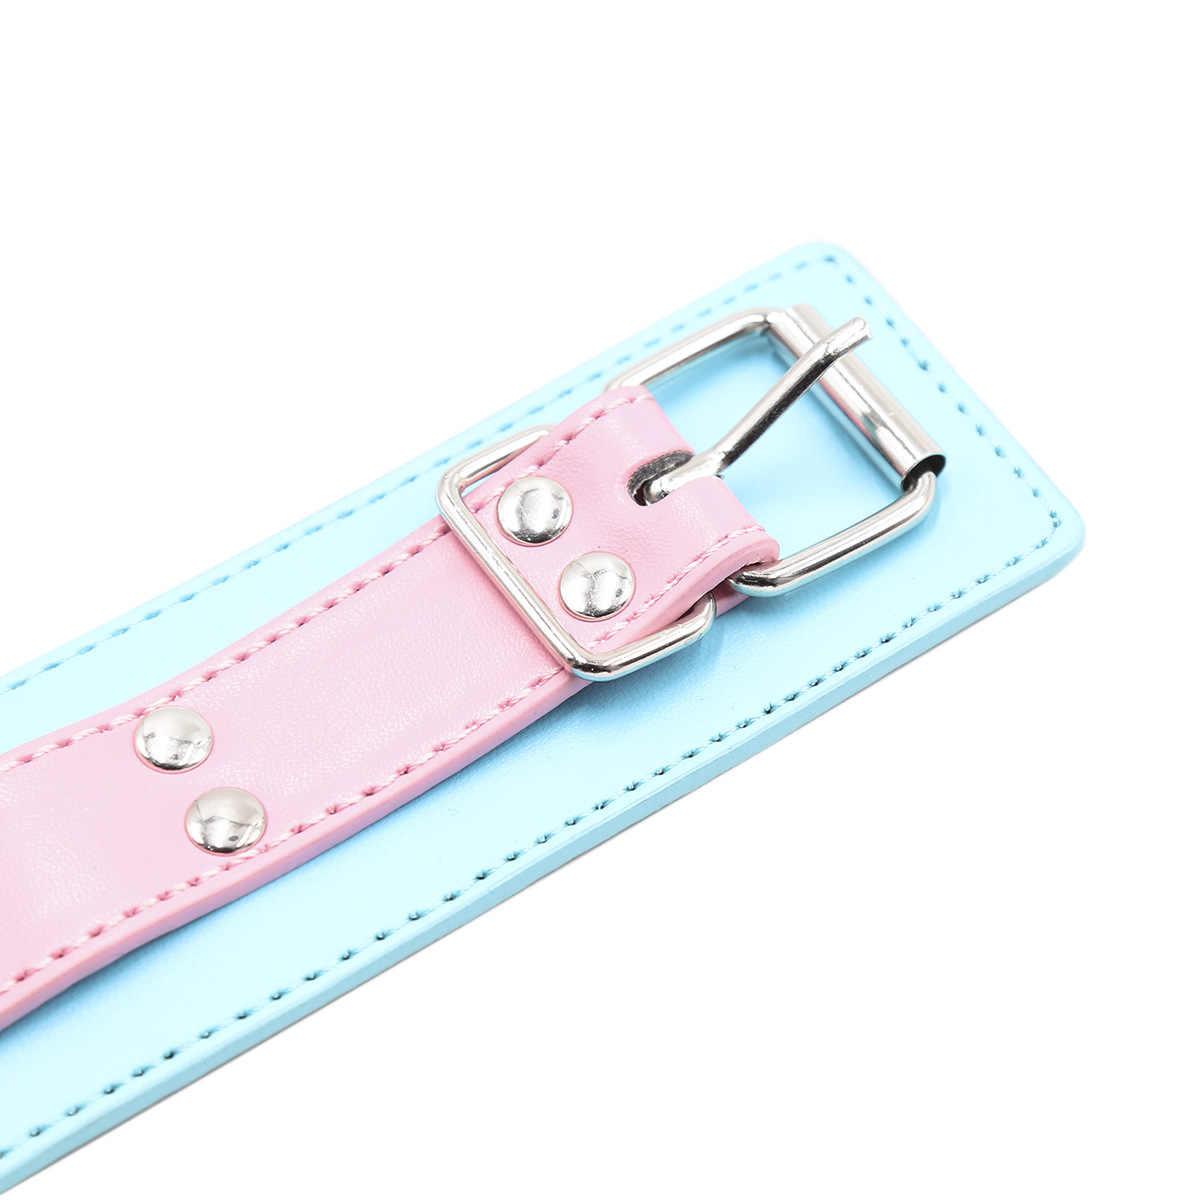 Sex Halsbanden Met Leash Voor Vrouwen Mannen Pu Lederen Slave Kraag Ketting Verstelbare Erotische Koppels Seksuele Toys Sex Meubels